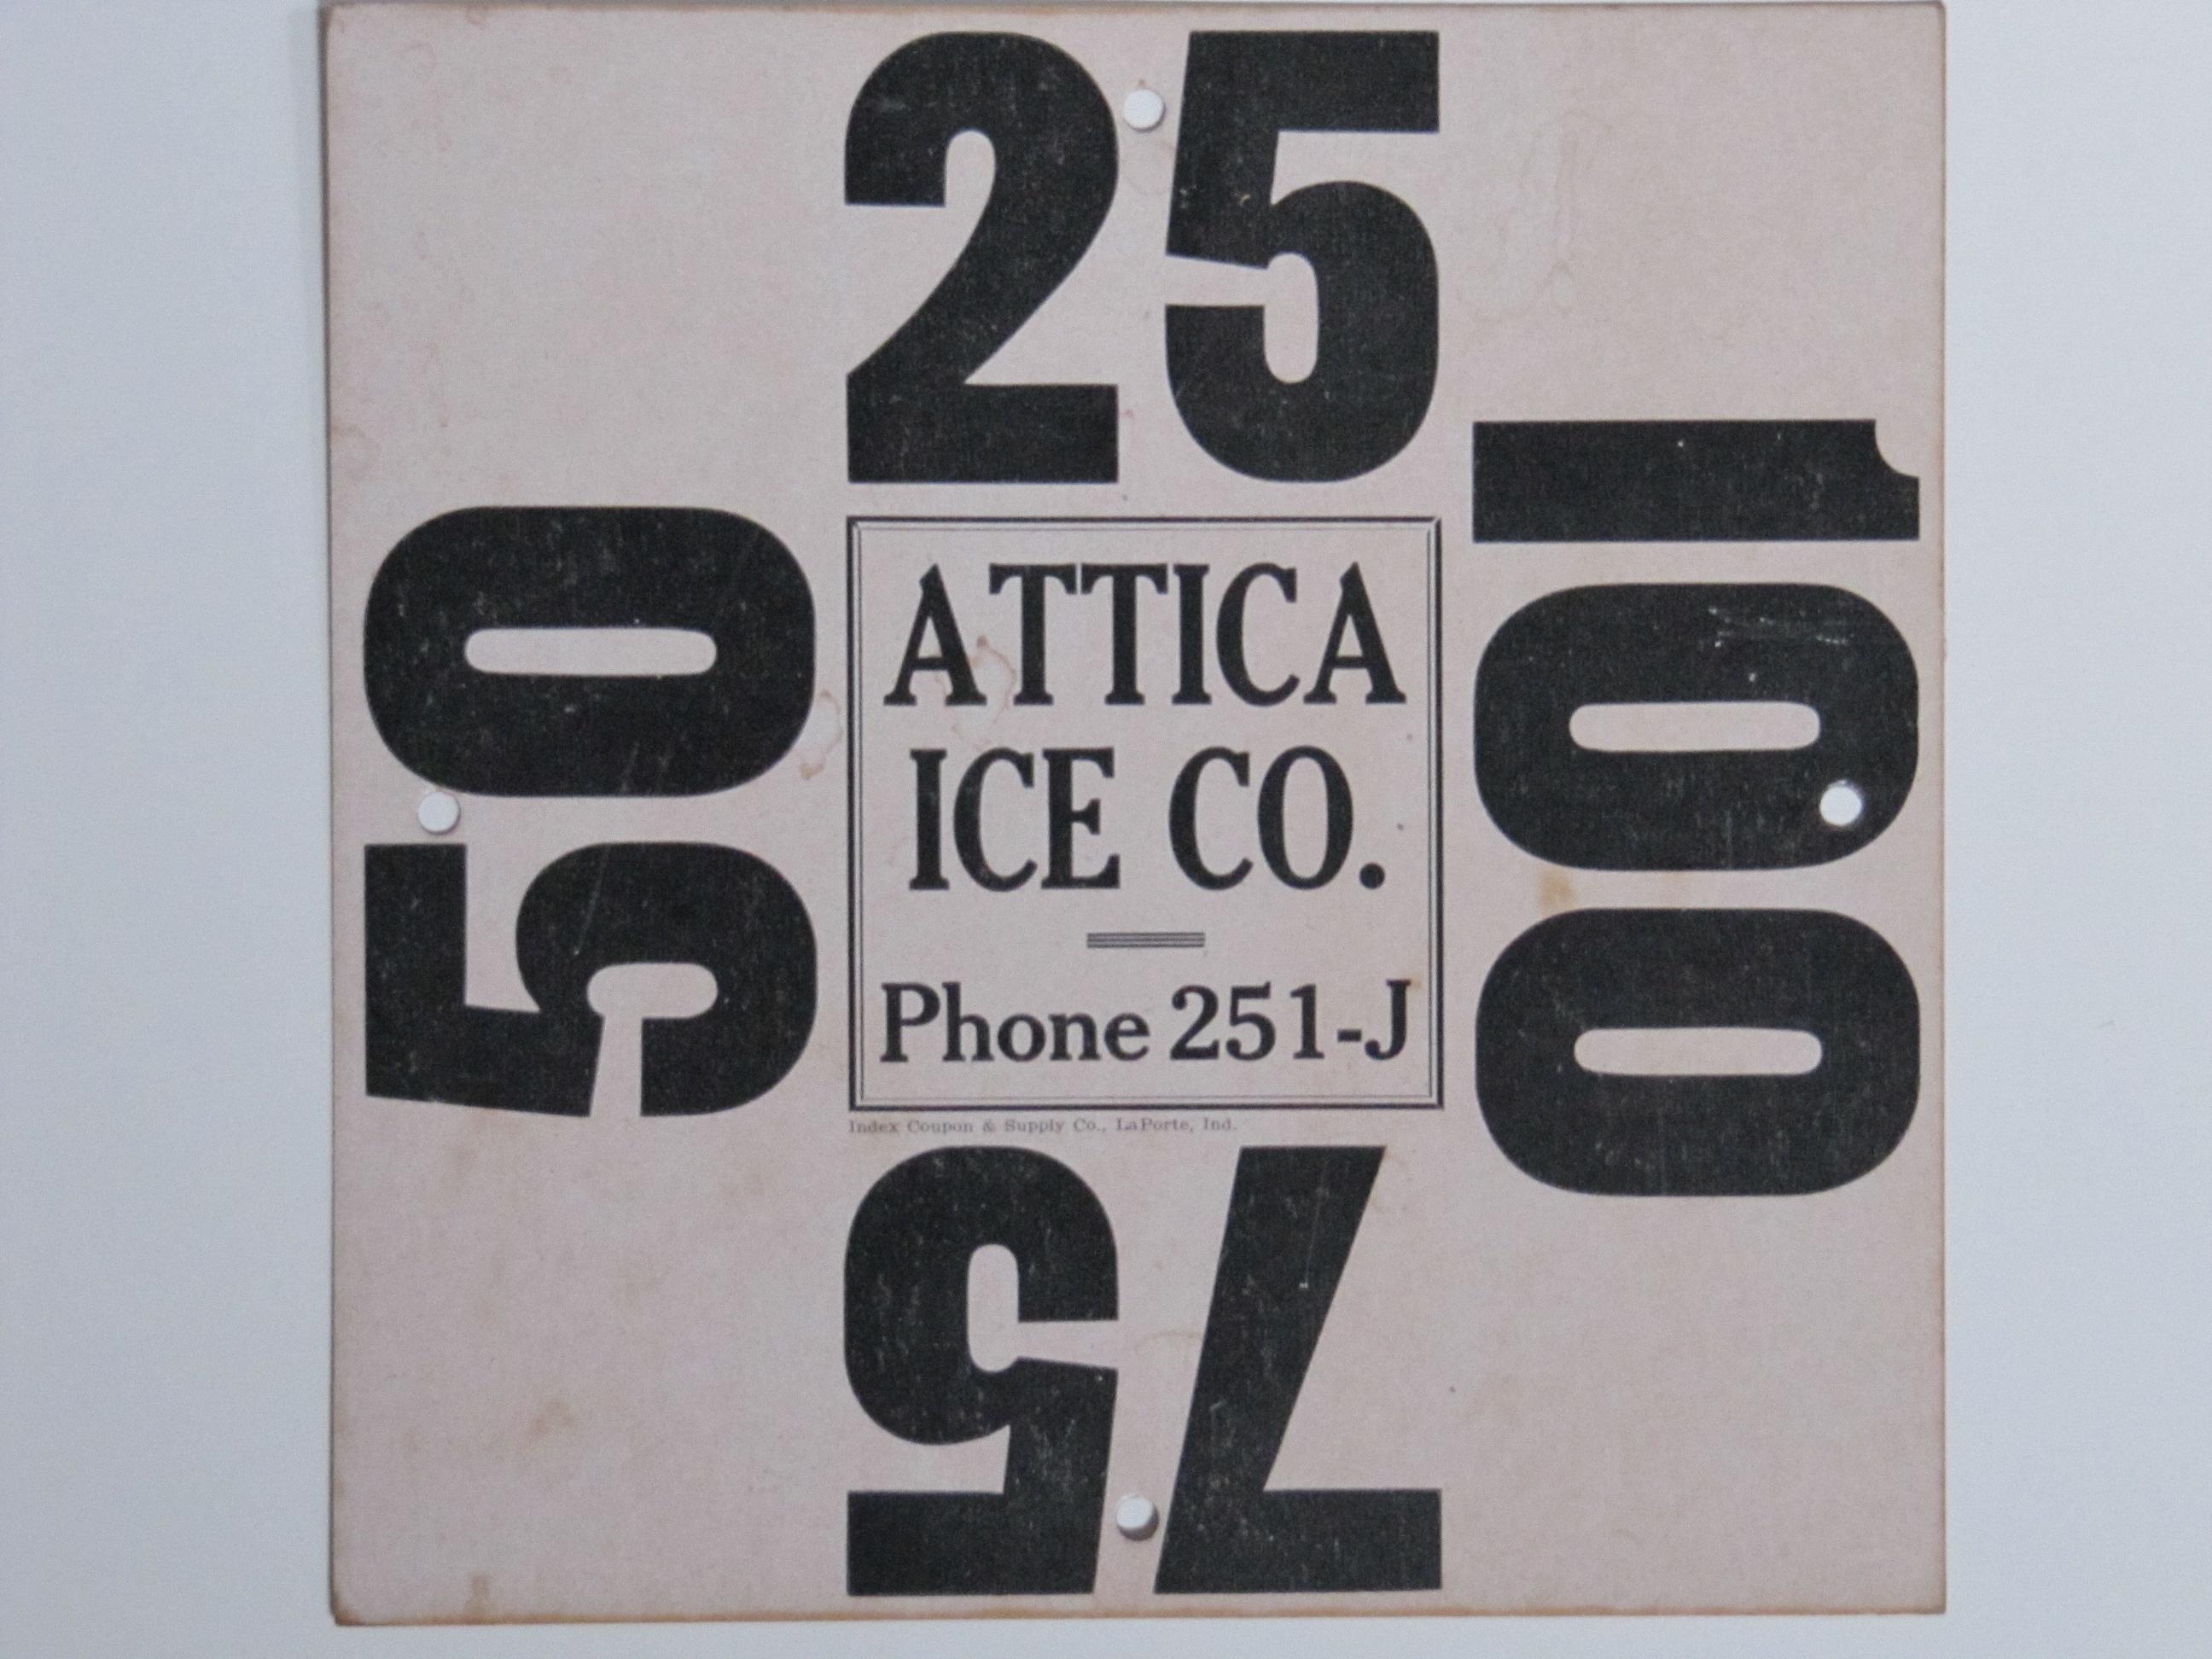 Attica Ice